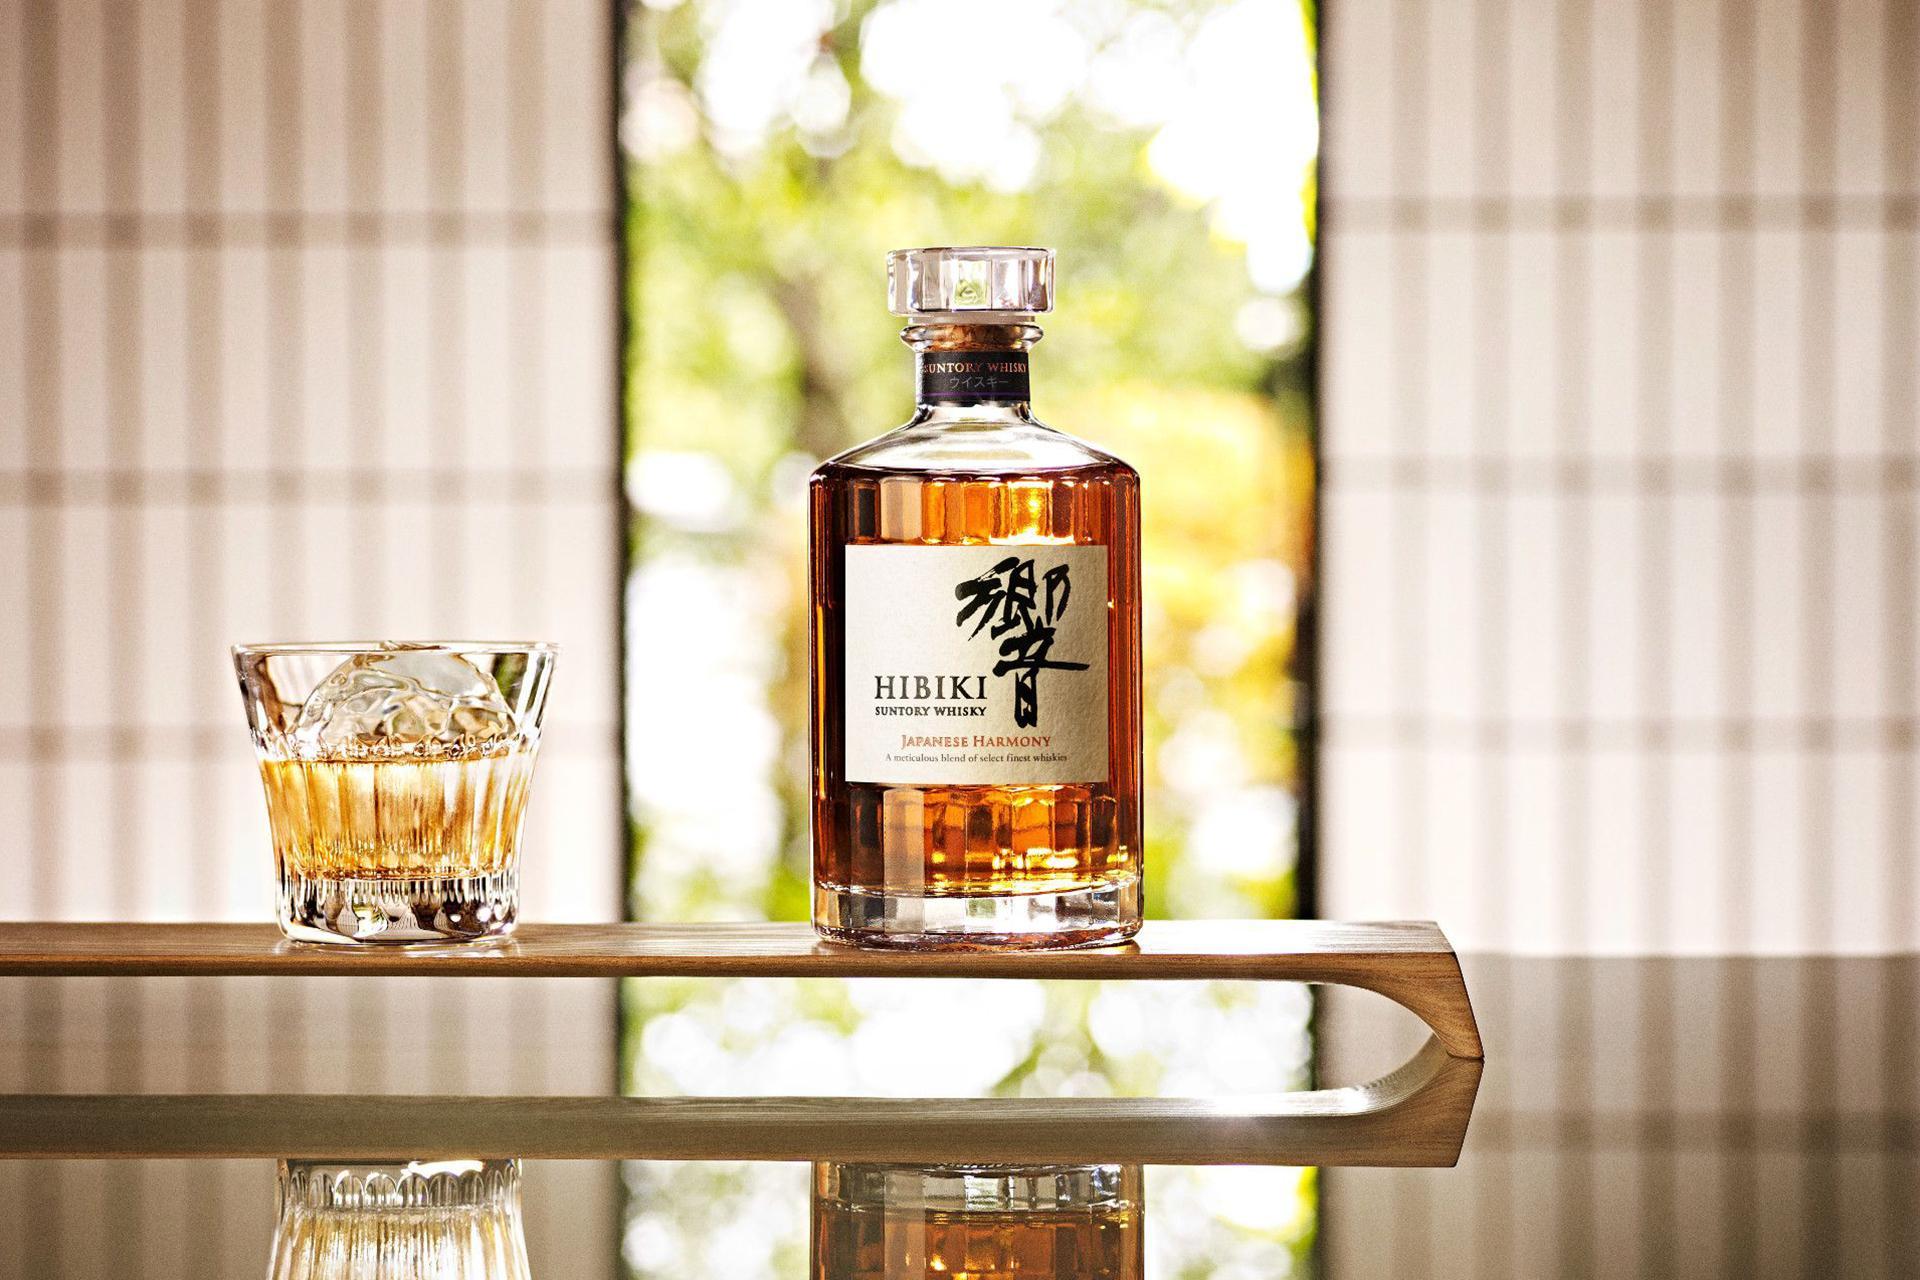 World Whisky Day | HIBIKI JAPANESE HARMONY